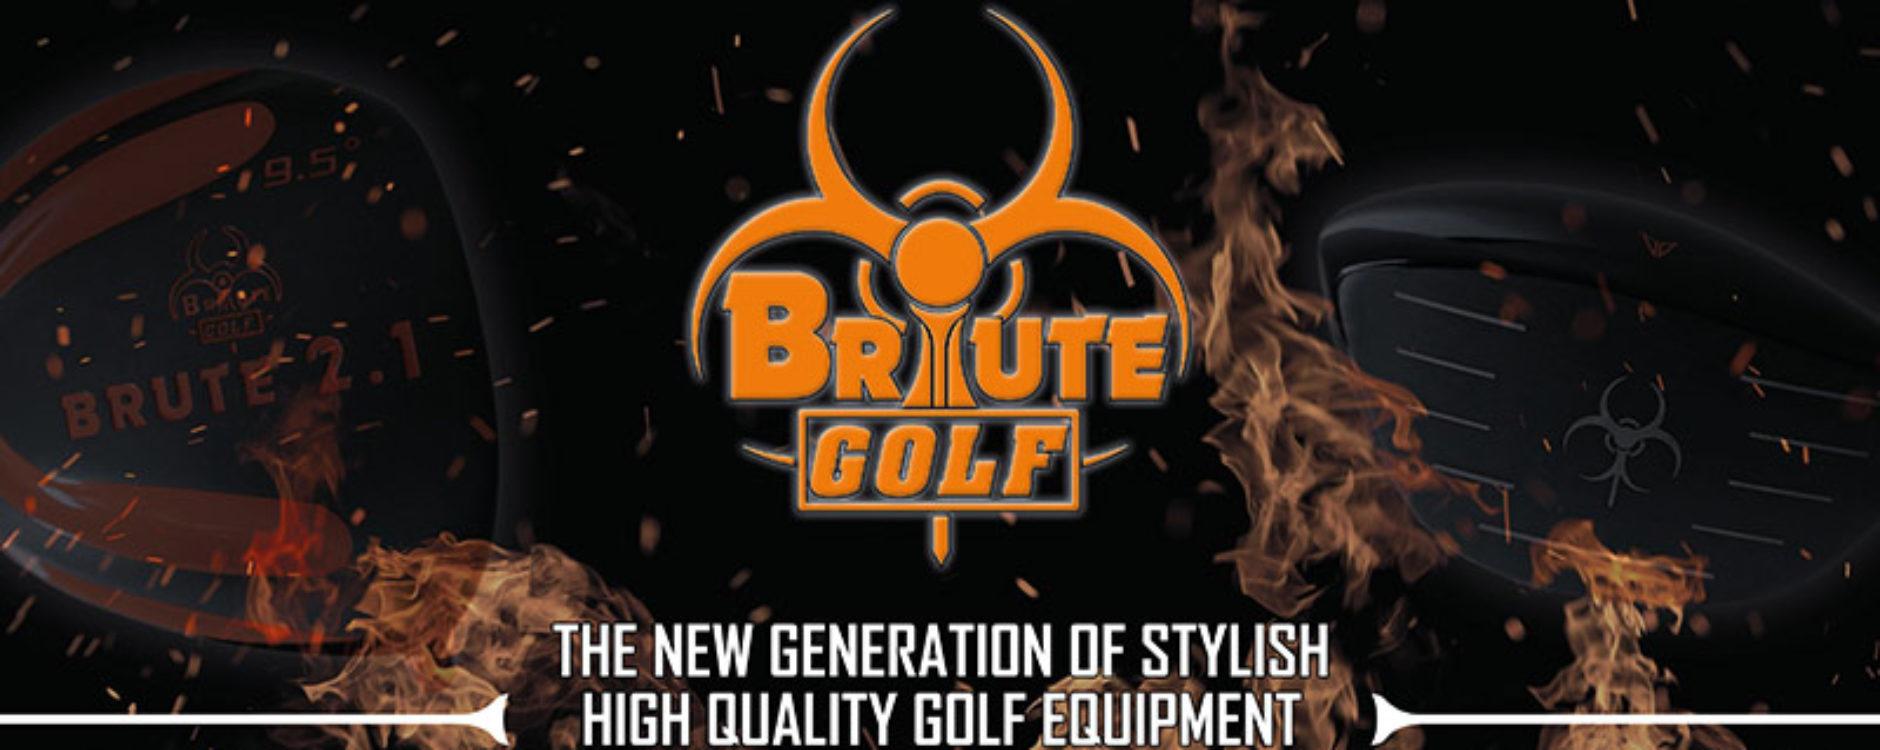 Brute Golf